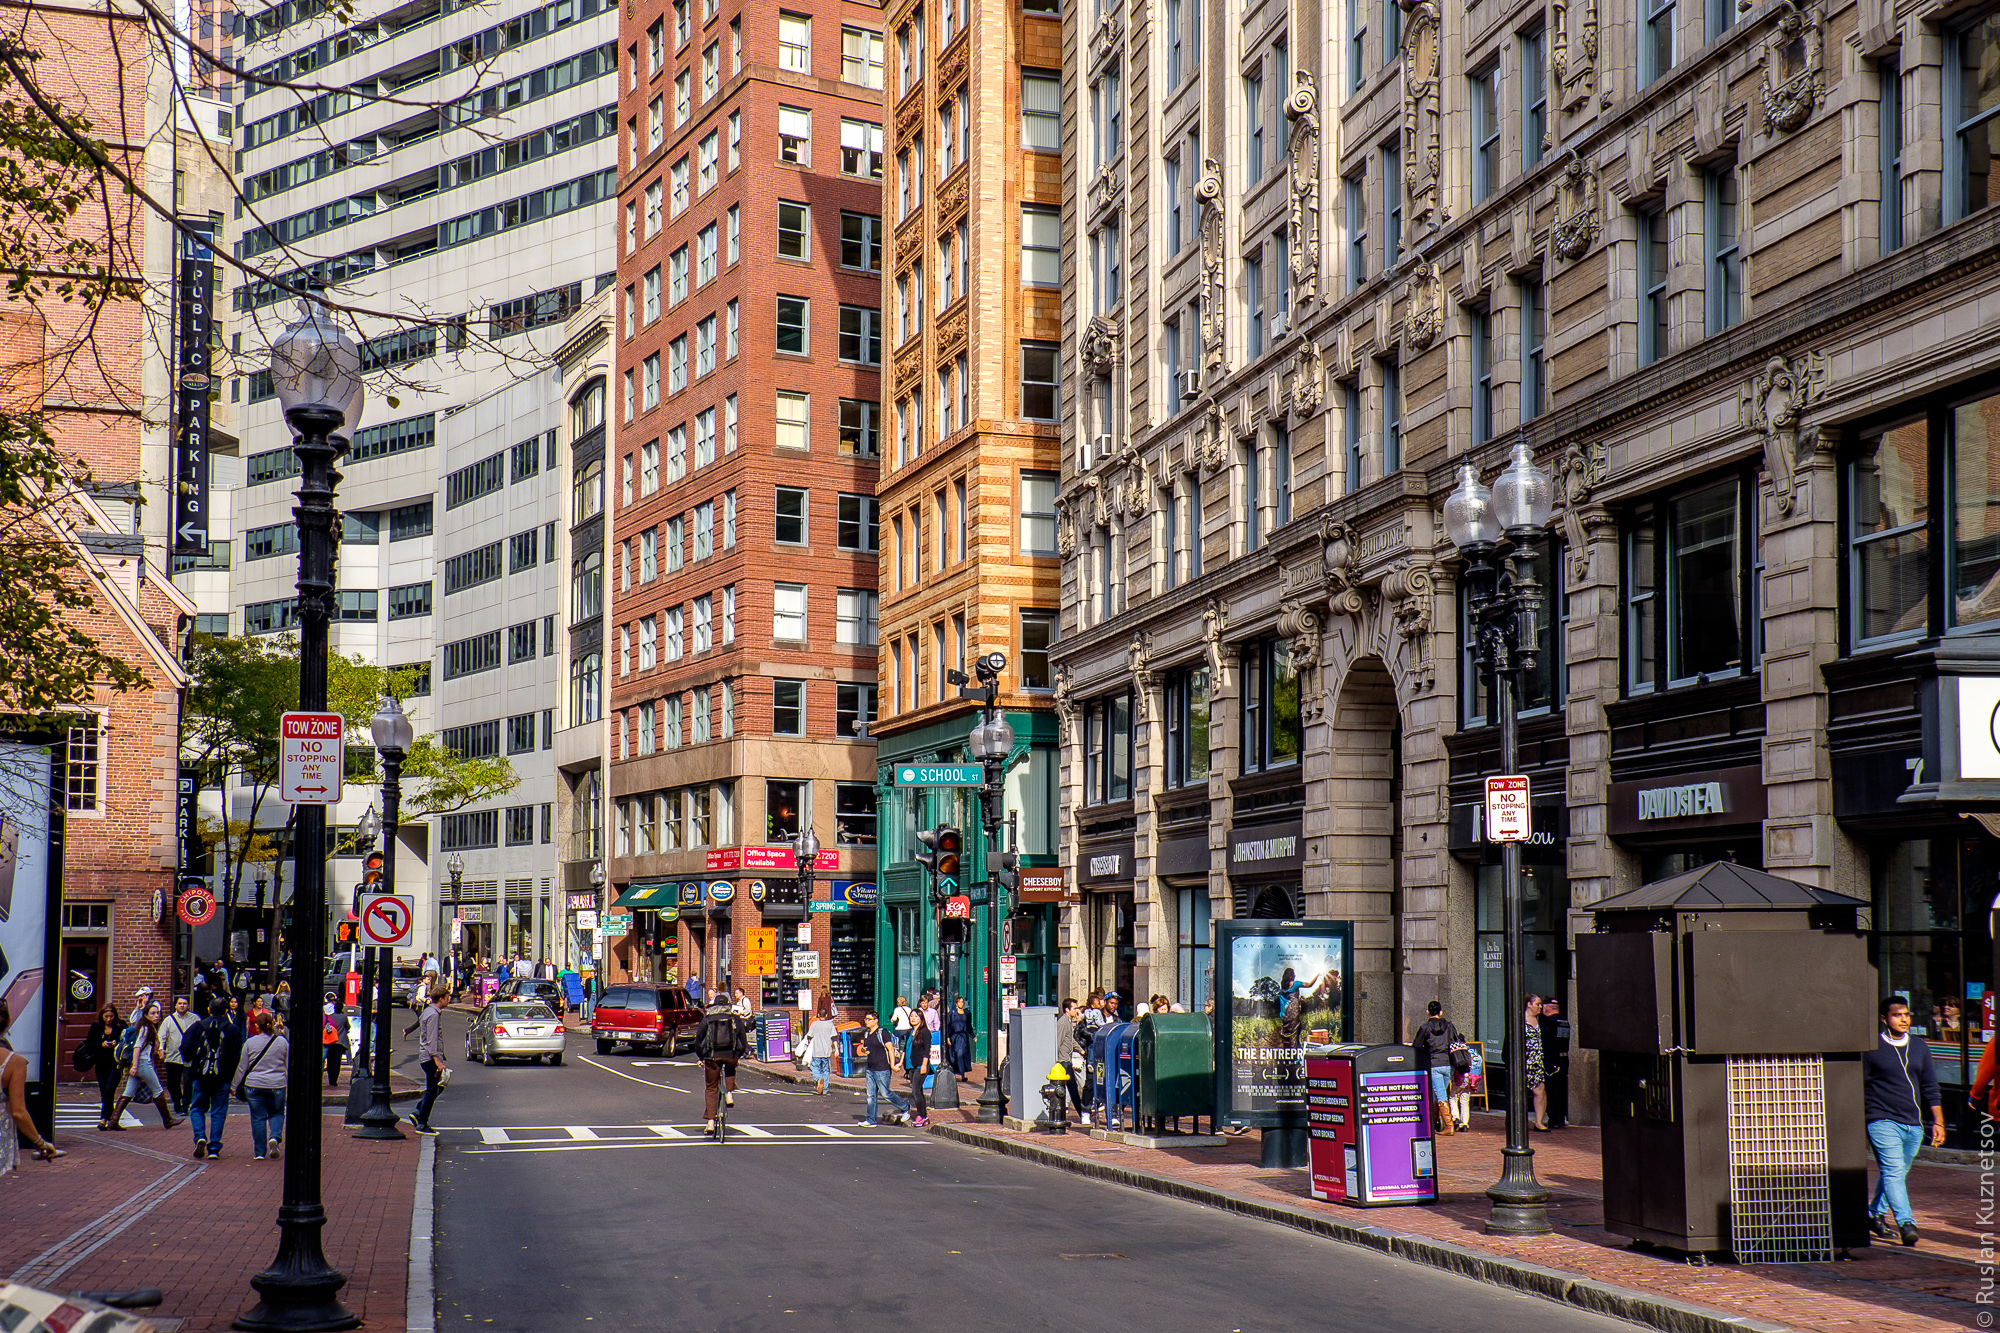 Самые красивые улицы сша фото качестве могут